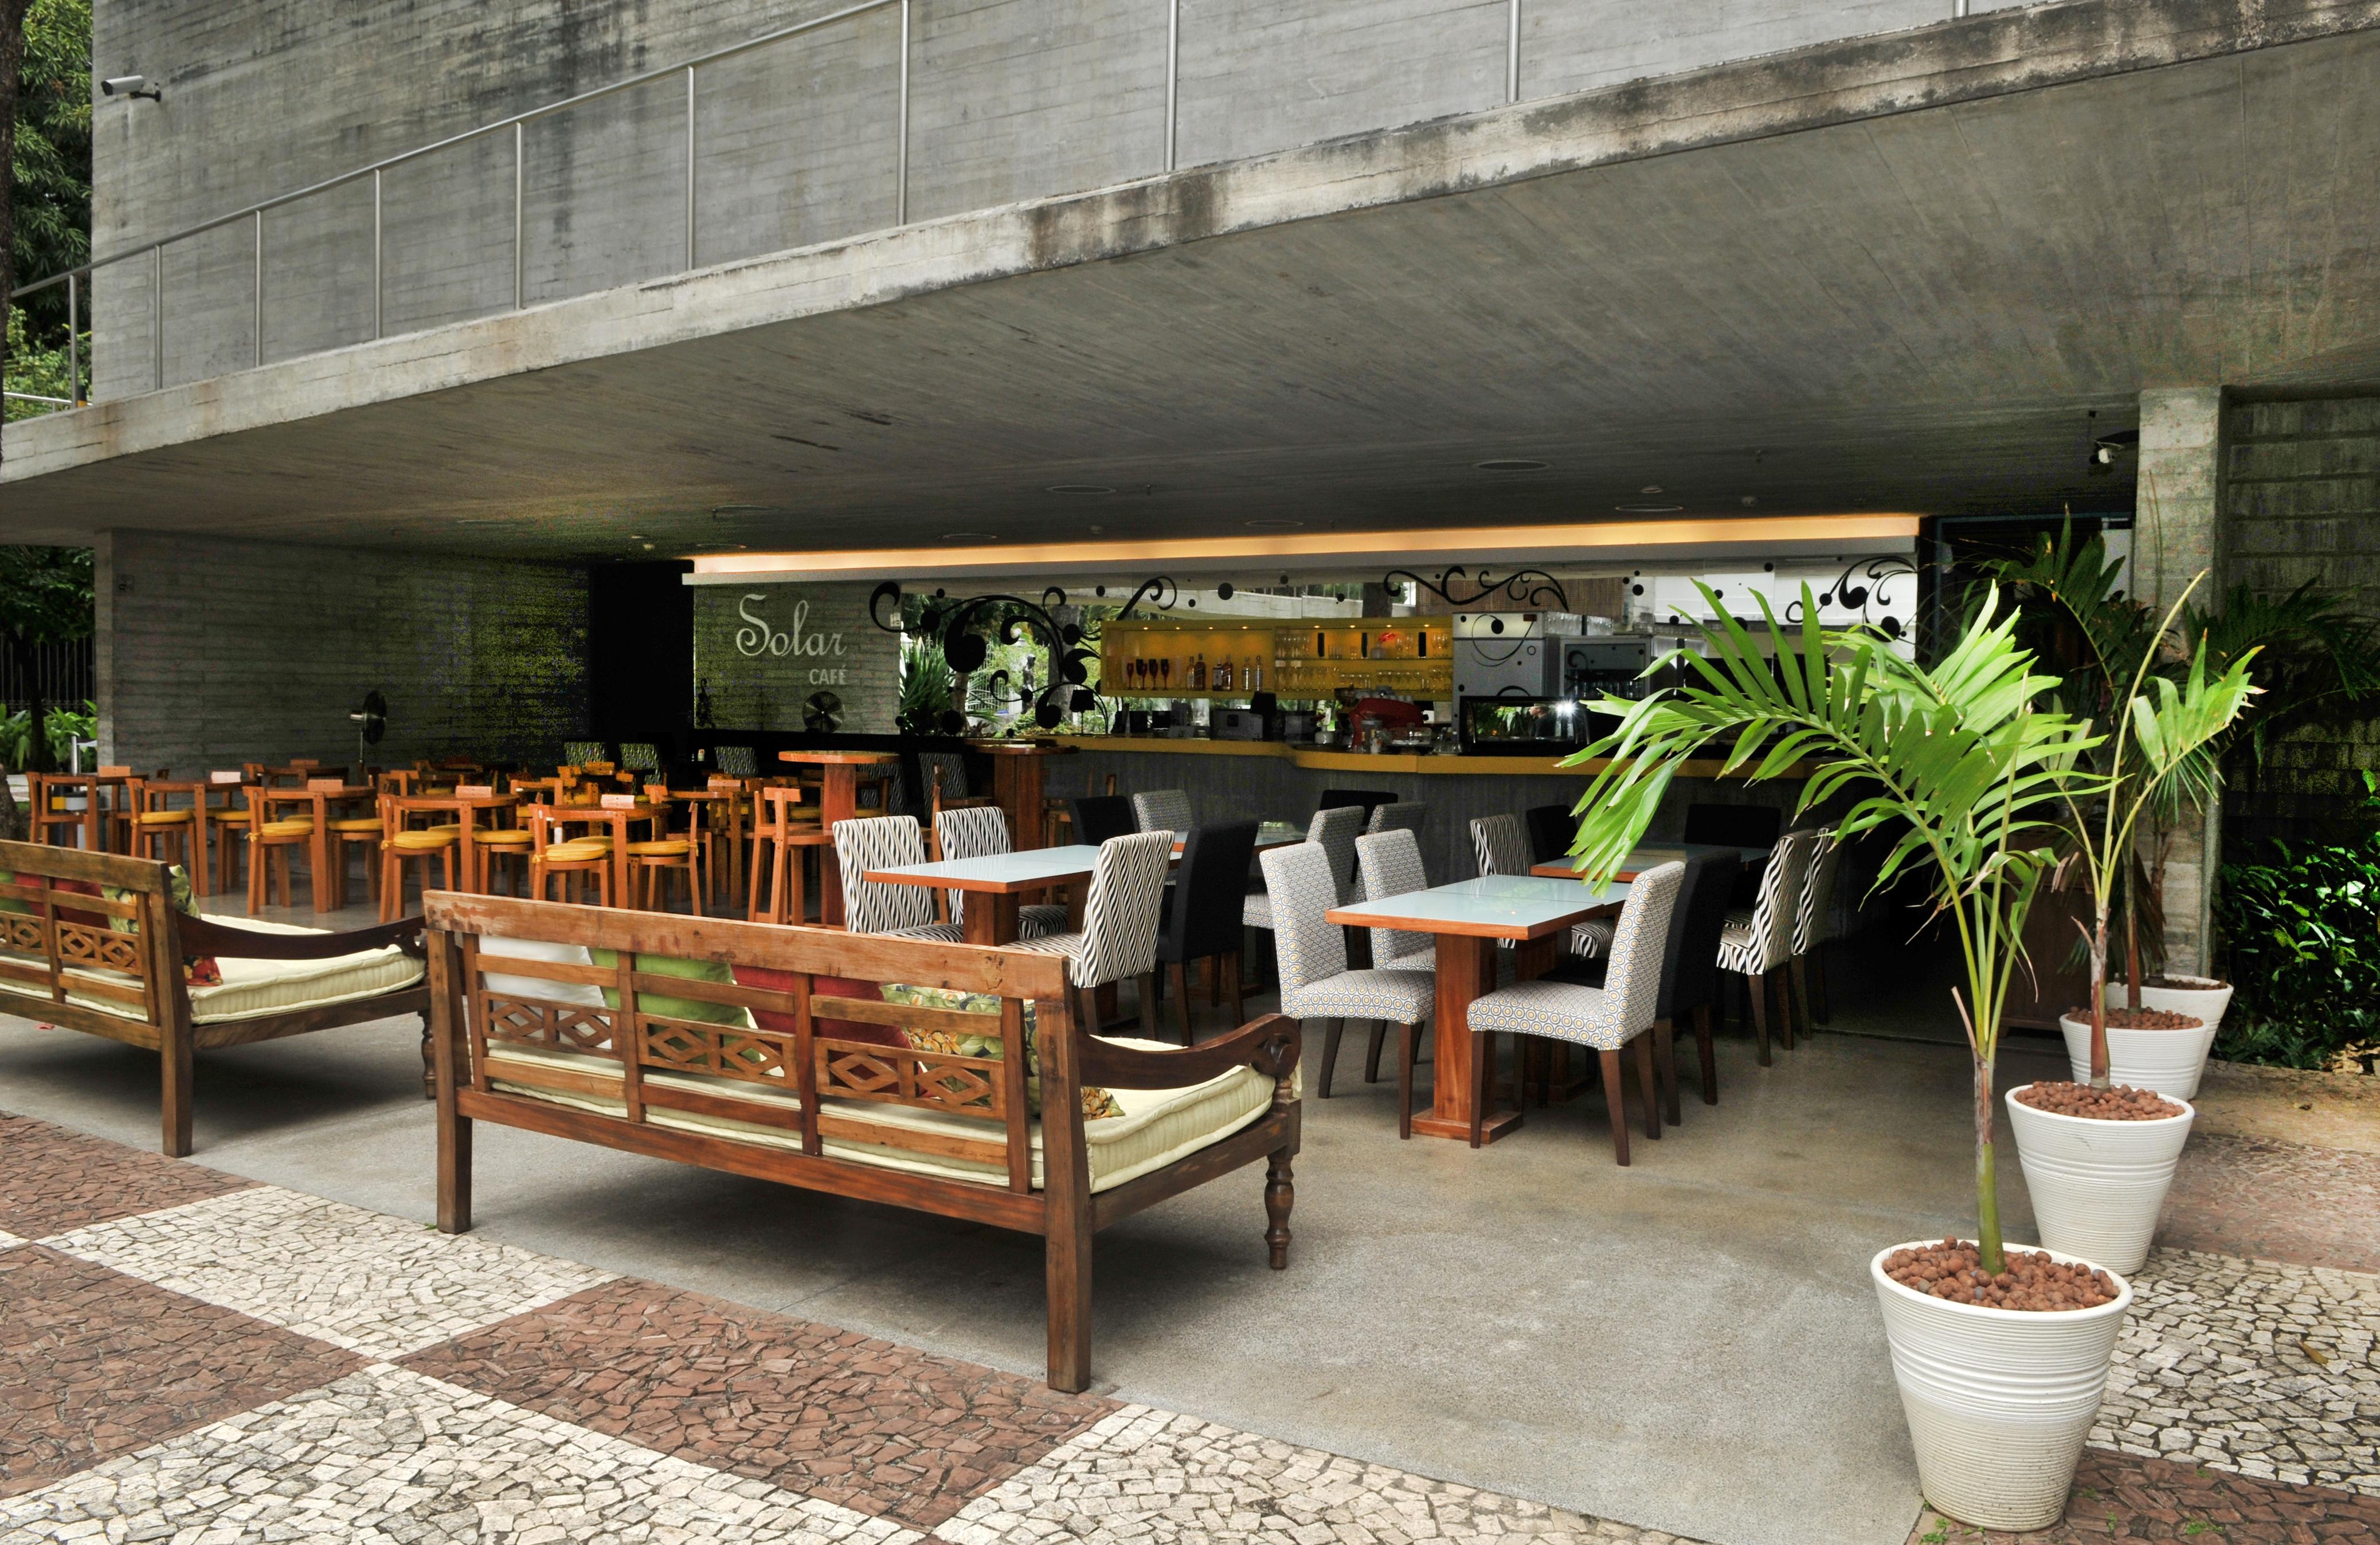 Restaurante Solar Palacete das Artes. Foto: Divulgação.